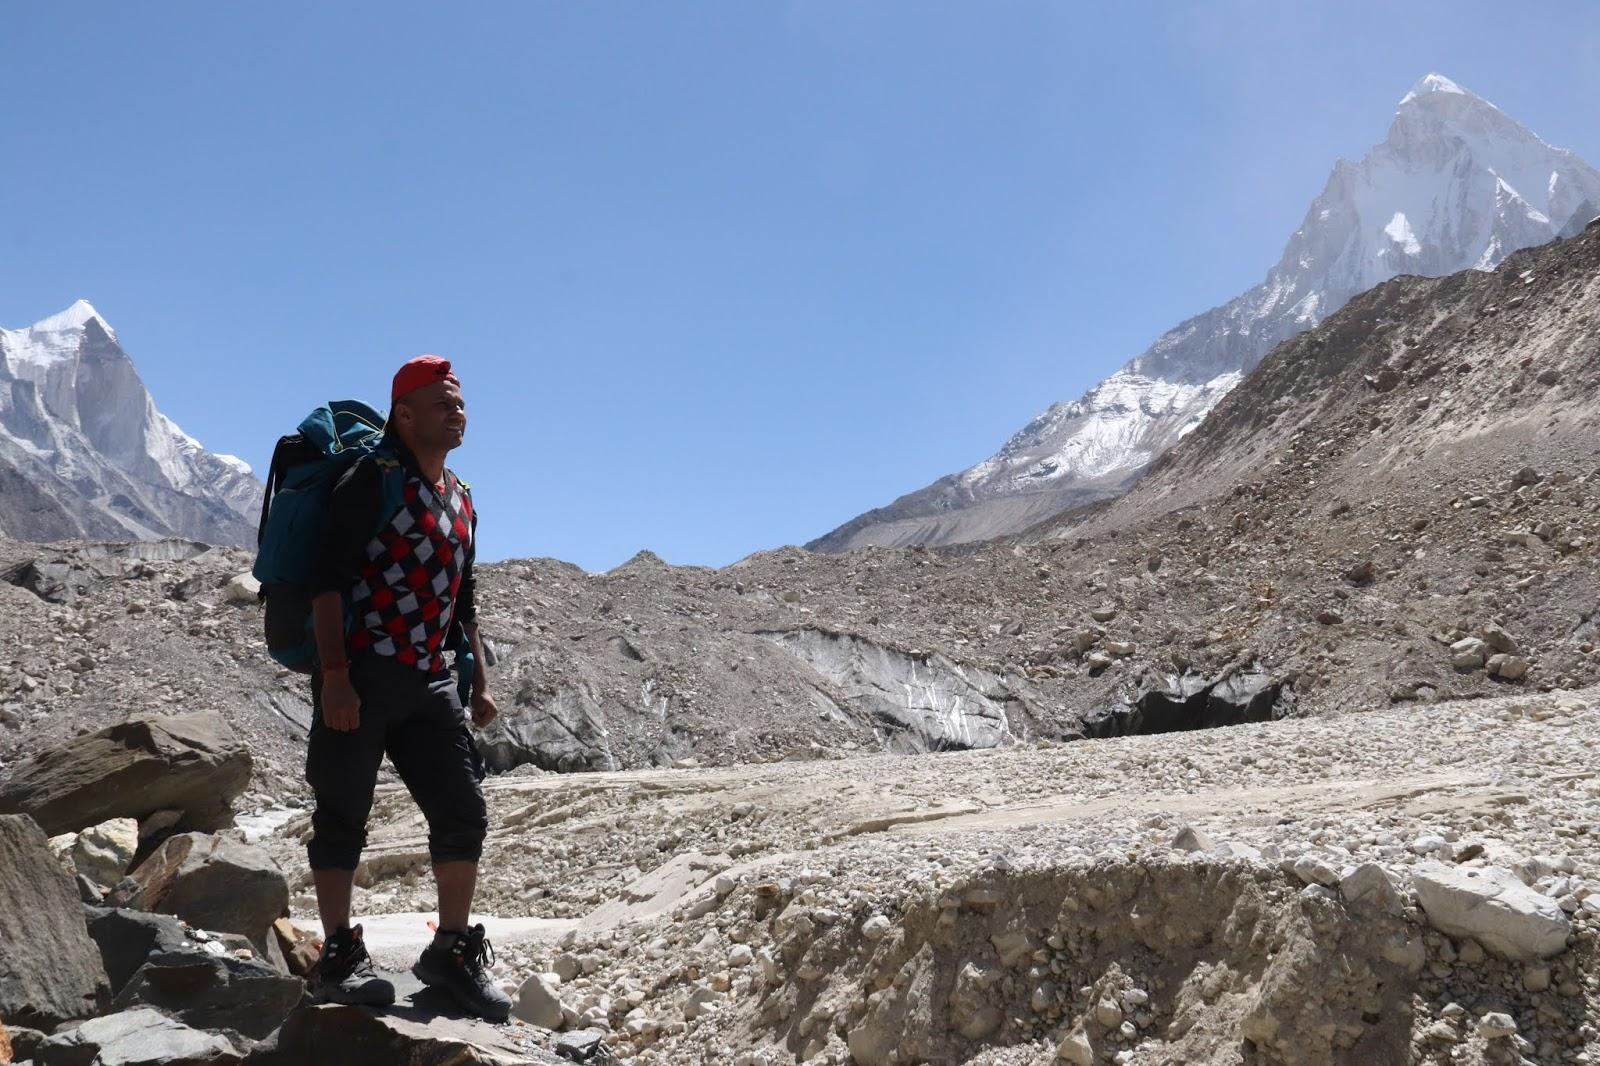 Himalayas Guide: Kalindi Pass Expedition